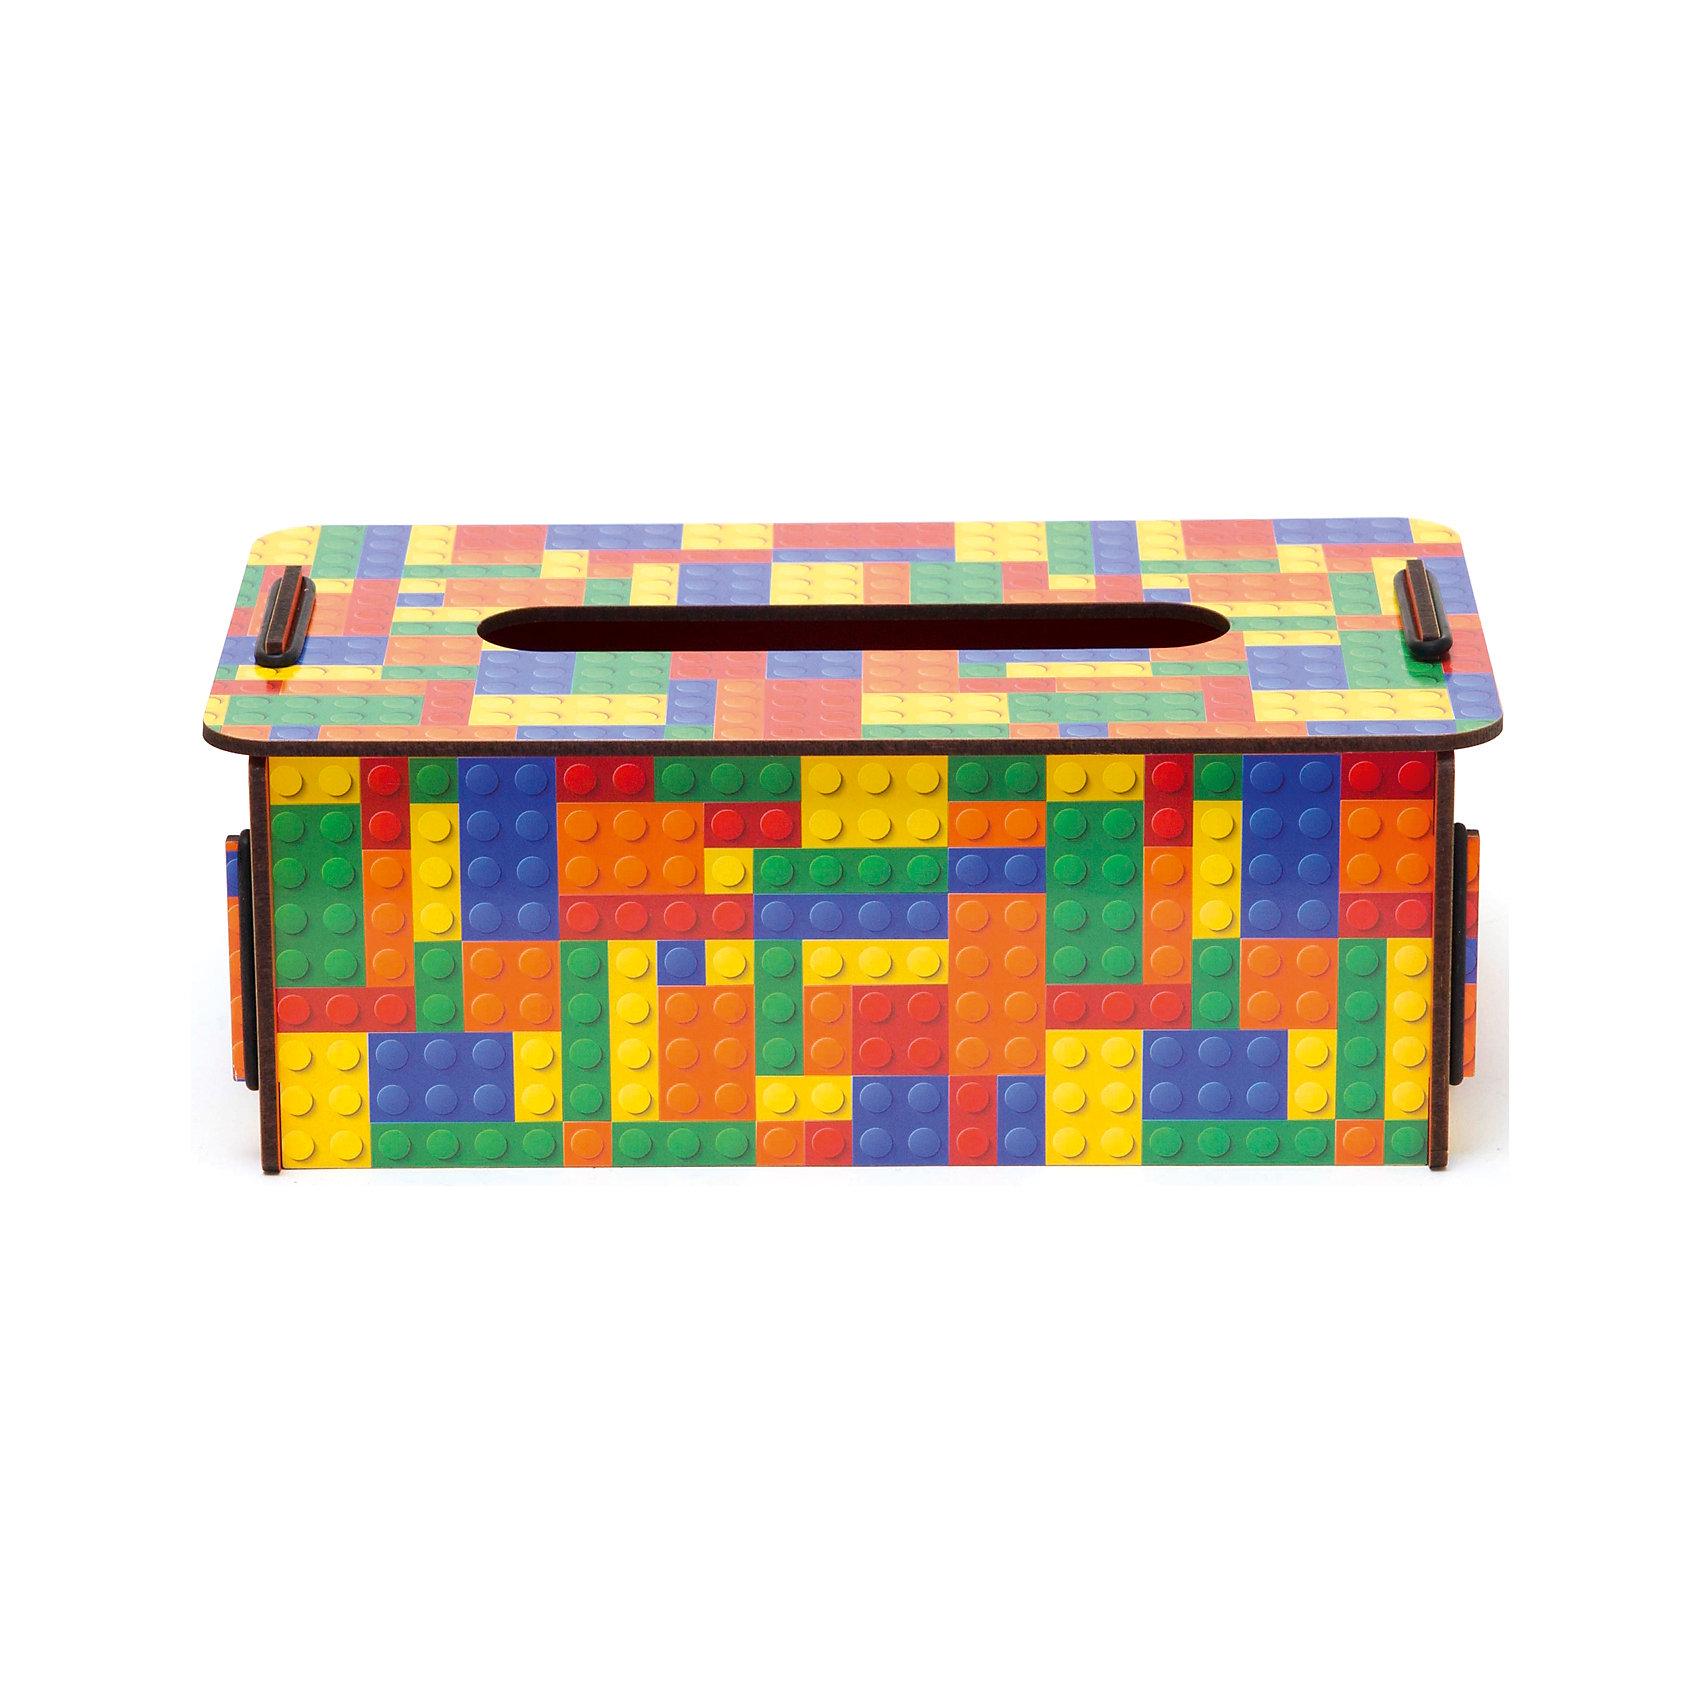 Органайзер для салфеток Тетрис, HomsuПредметы интерьера<br>Оригинальная коробочка представляет собой ящик, изготовленный из МДФ и легко собирающийся, который можно использовать как органайзер для салфеток. Благодаря отделению 10Х1,5см коробочка для салфеток отлично будет смотреться дома и придаст интерьеру оригинальный стиль.<br><br>Ширина мм: 150<br>Глубина мм: 260<br>Высота мм: 30<br>Вес г: 400<br>Возраст от месяцев: 216<br>Возраст до месяцев: 1188<br>Пол: Унисекс<br>Возраст: Детский<br>SKU: 5620265